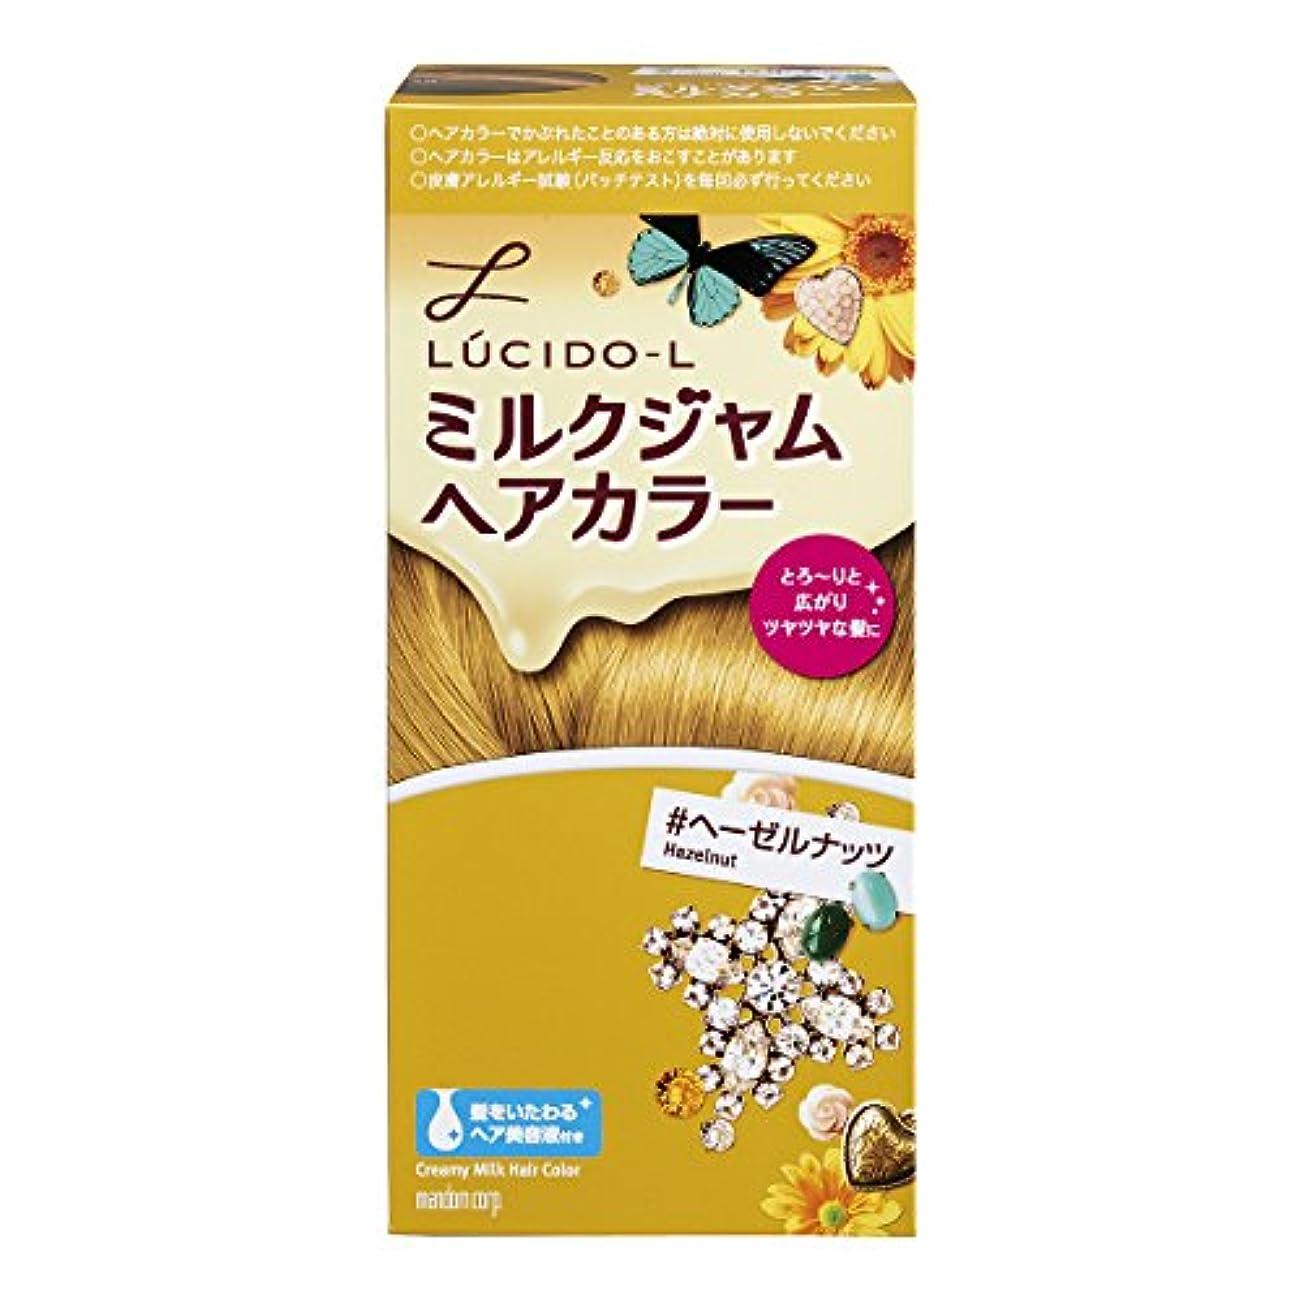 モディッシュモーター潜在的なLUCIDO-L (ルシードエル) ミルクジャムヘアカラー #ヘーゼルナッツ (医薬部外品) (1剤40g 2剤80mL TR5g)